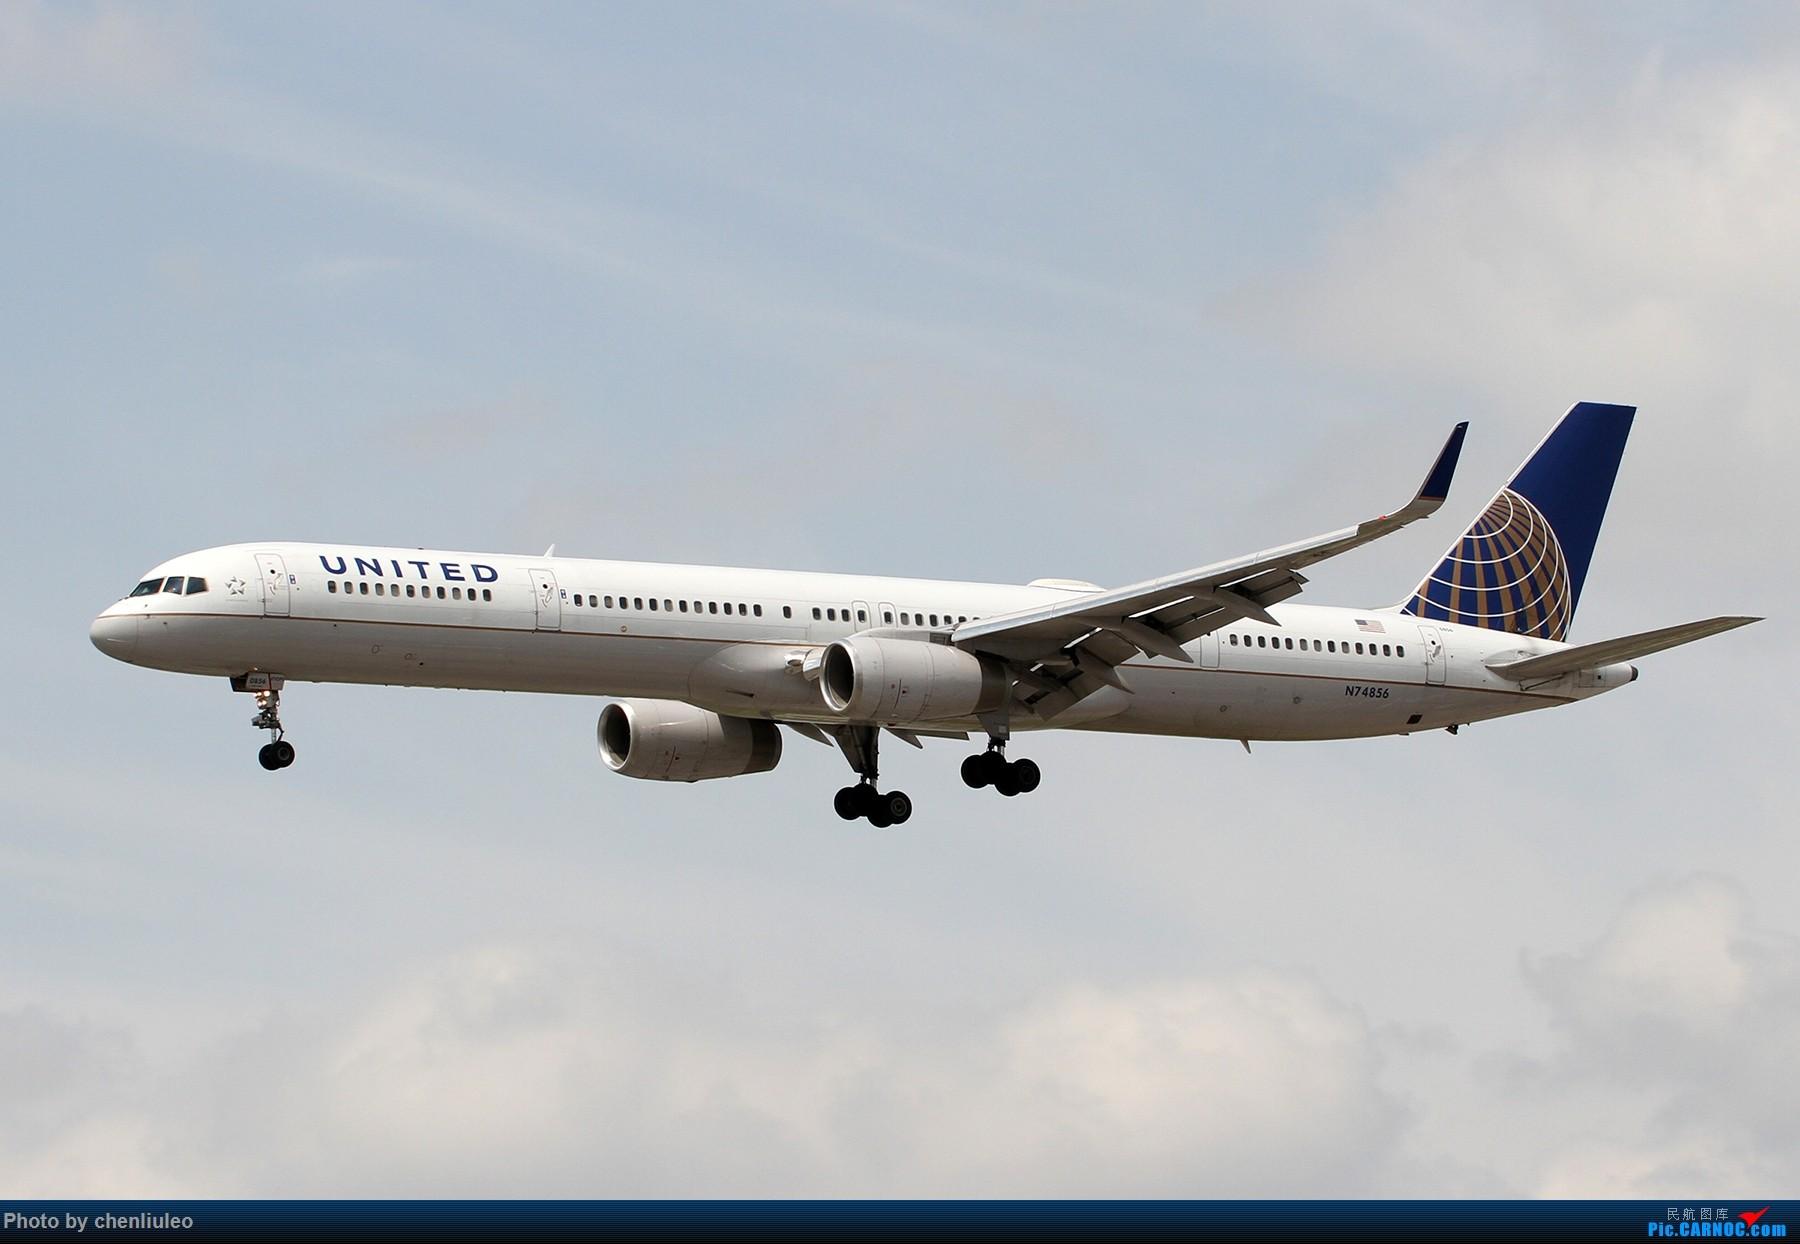 Re:【北美飞友会】芝加哥奥黑尔机场首拍 BOEING 757-300 N74856 美国芝加哥奥黑尔国际机场